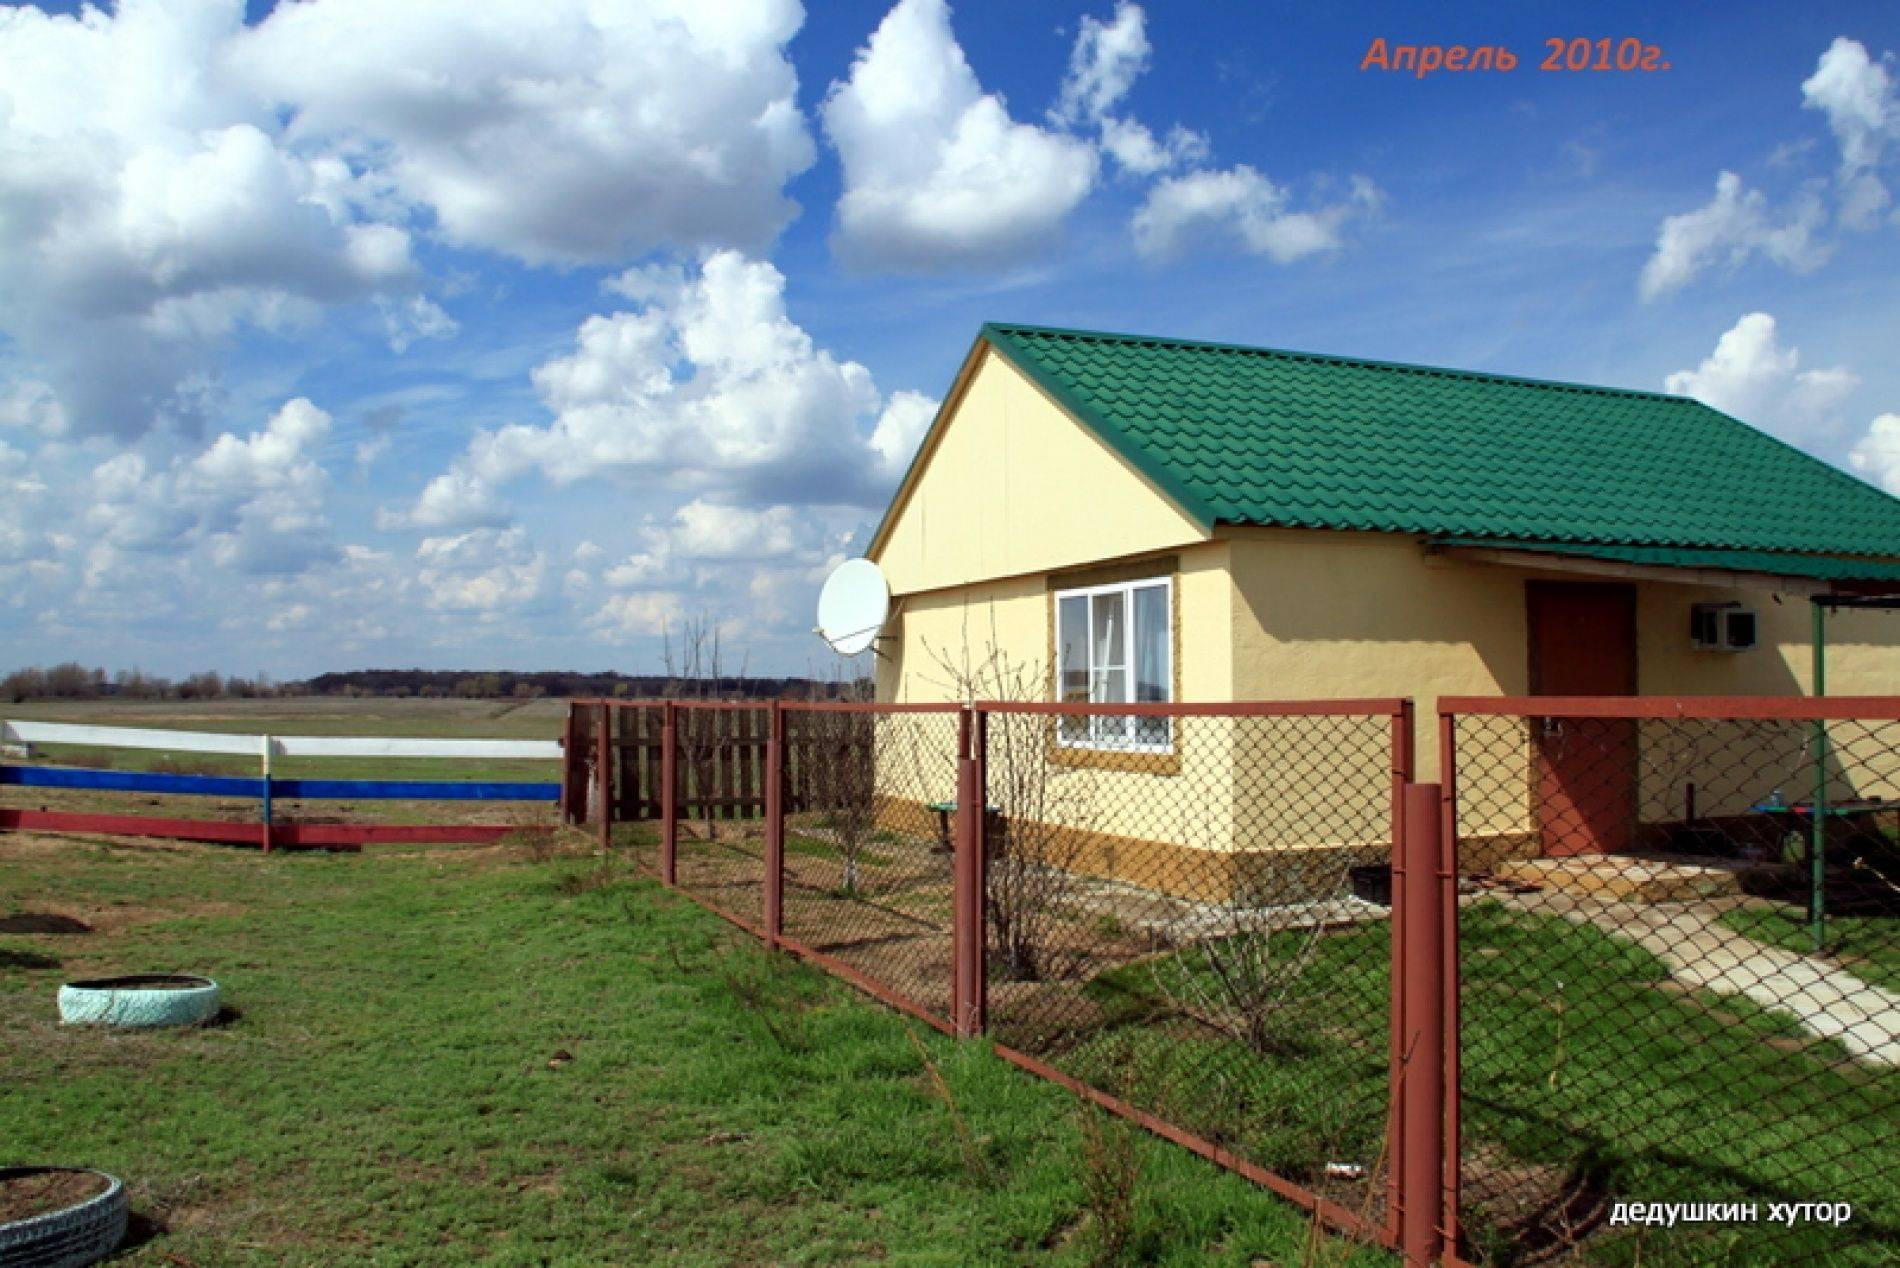 База дедушкин хутор в астраханской области: описание, услуги и отзывы